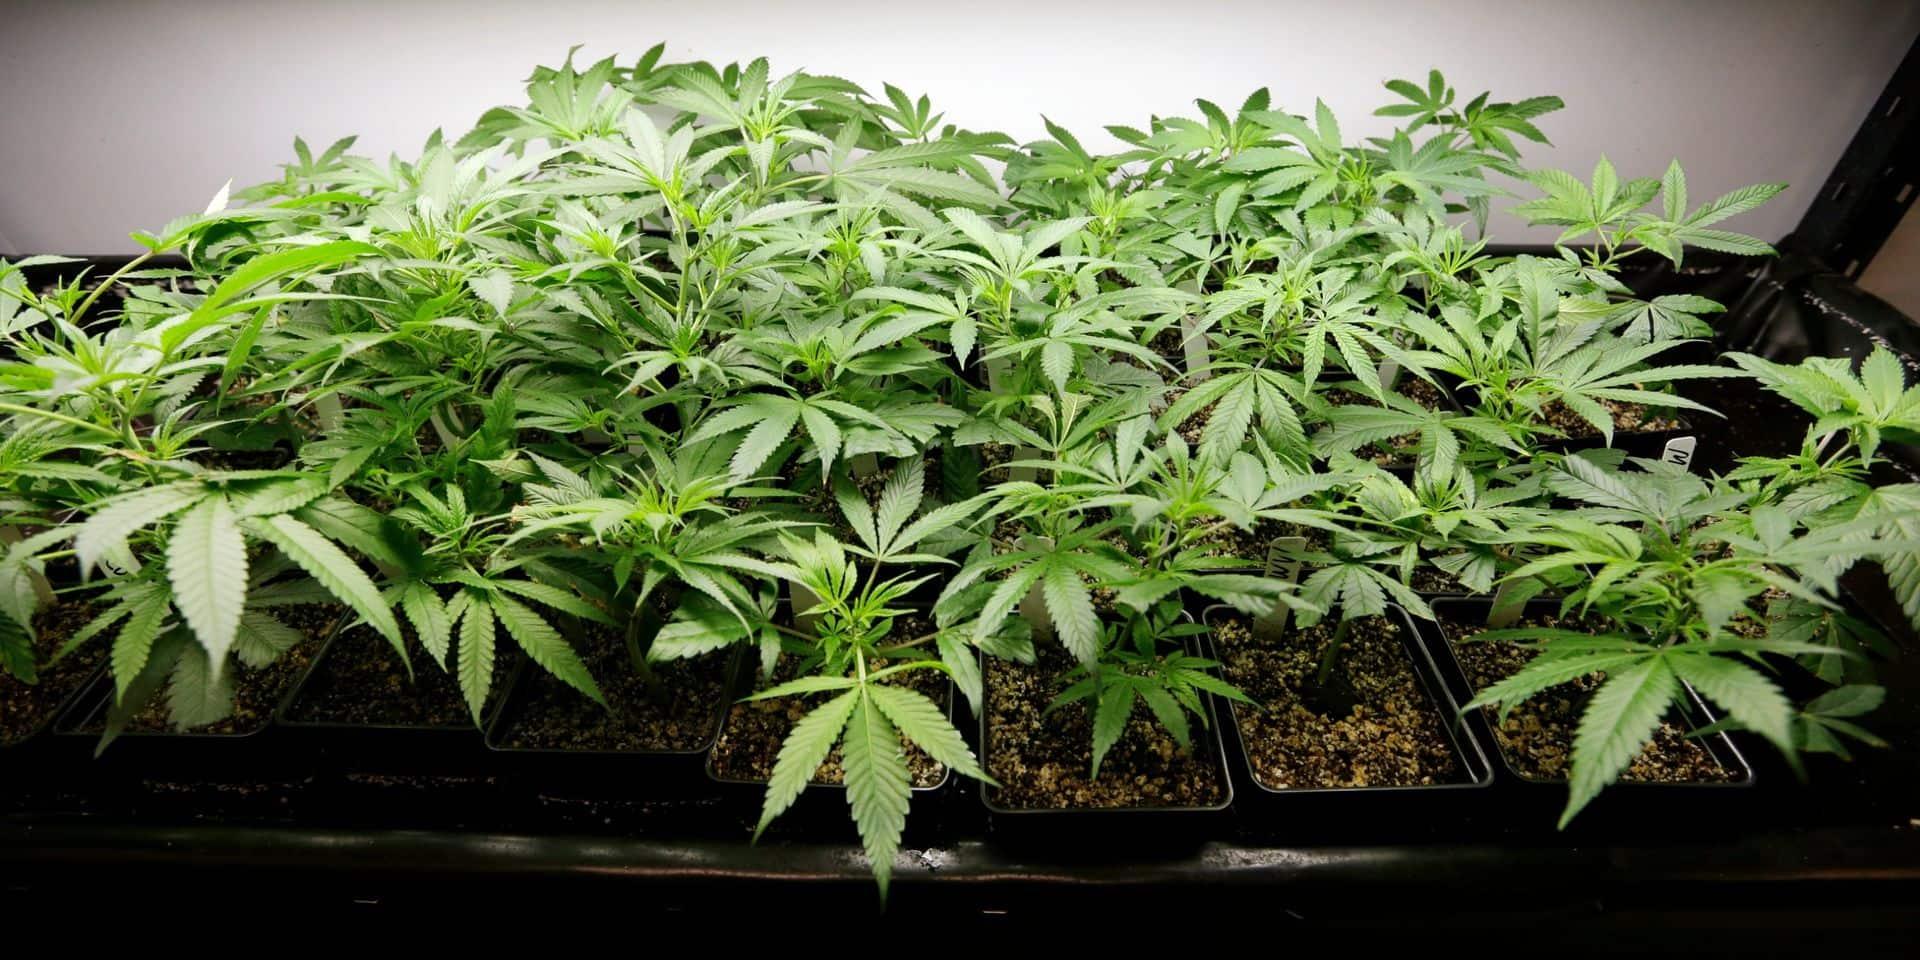 900 plants de cannabis découverts rue Grétry